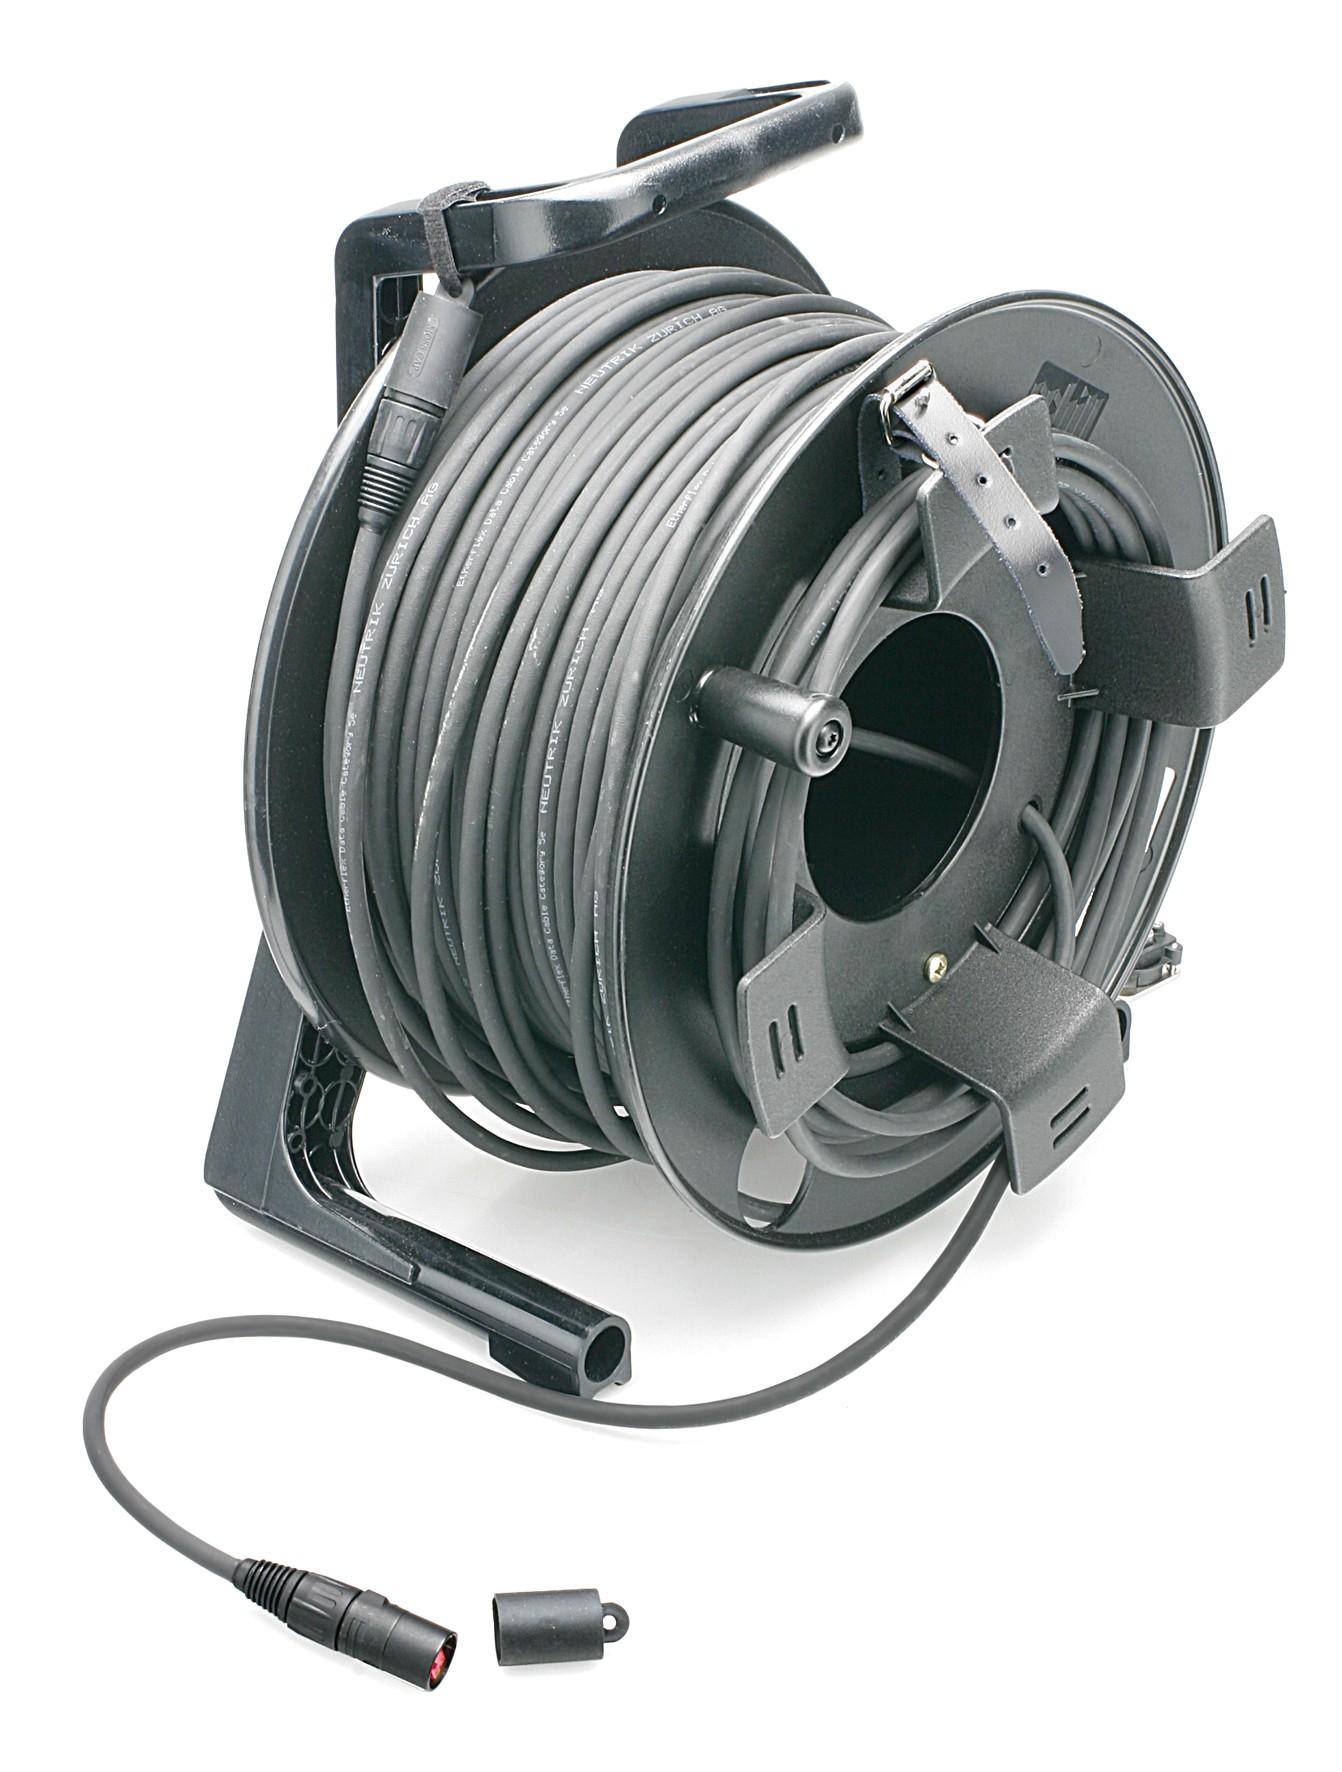 etherFLEX Tour Grade Cat5e Double Jacketted SFTP Cable Assembly, 2x Neutrik etherCON NE8MCB-1 RJ45 Plugs, includes GT310 Reel